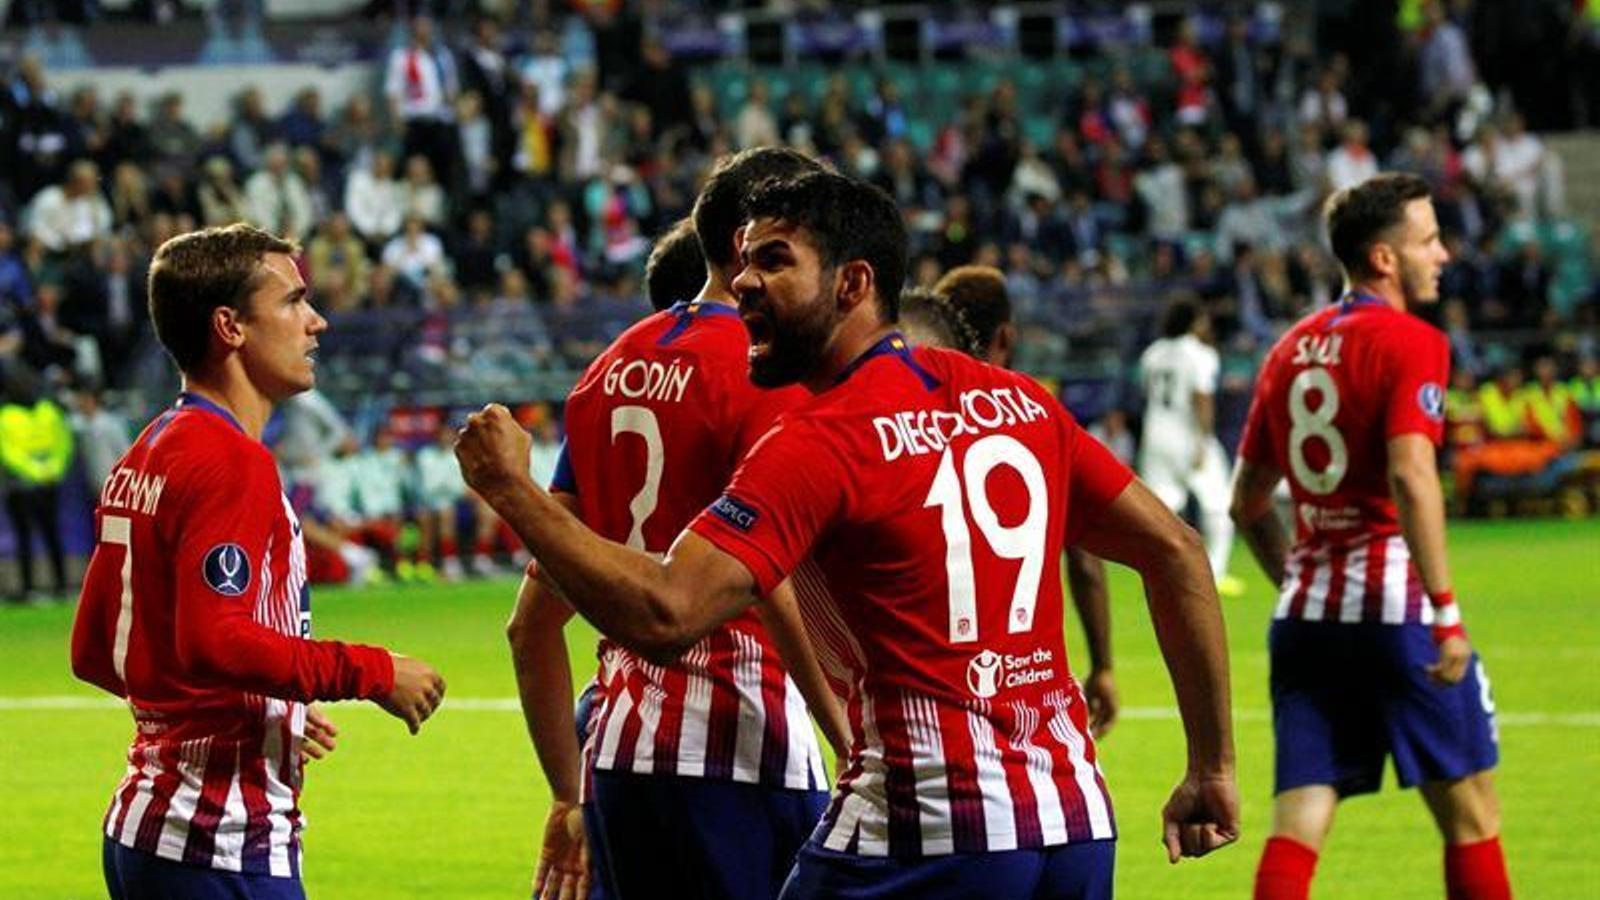 L'Atlètic goleja el Madrid de Lopetegui a la Supercopa d'Europa (4-2)